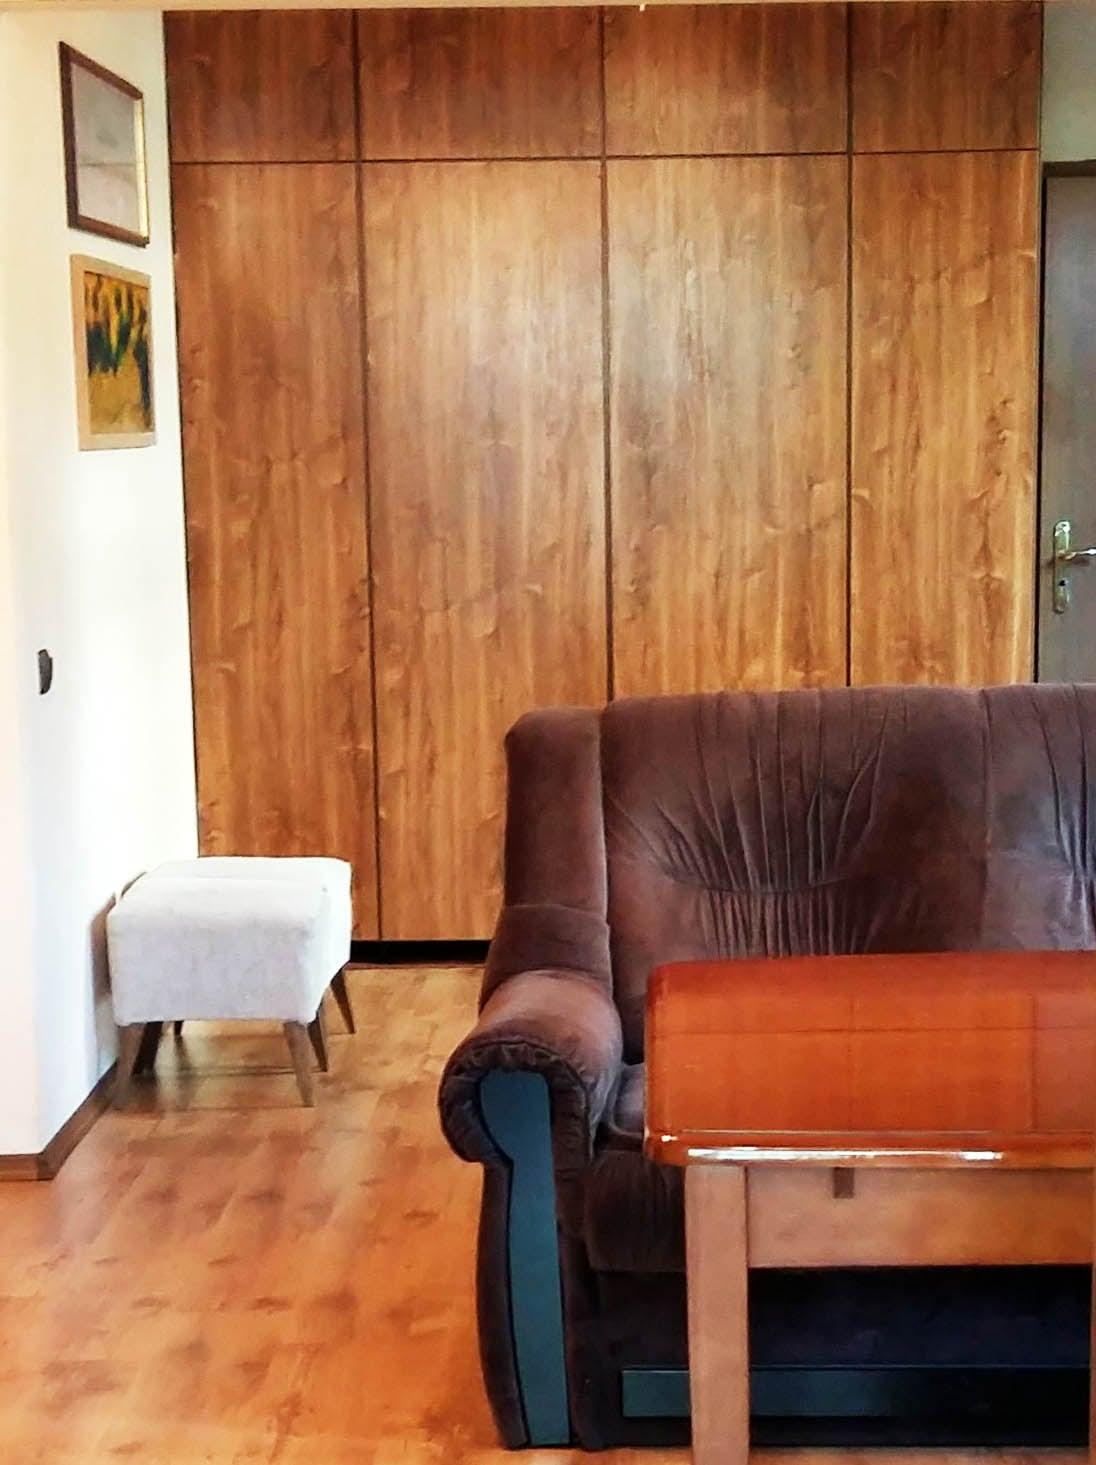 Living room (4 wing-wardrobe)